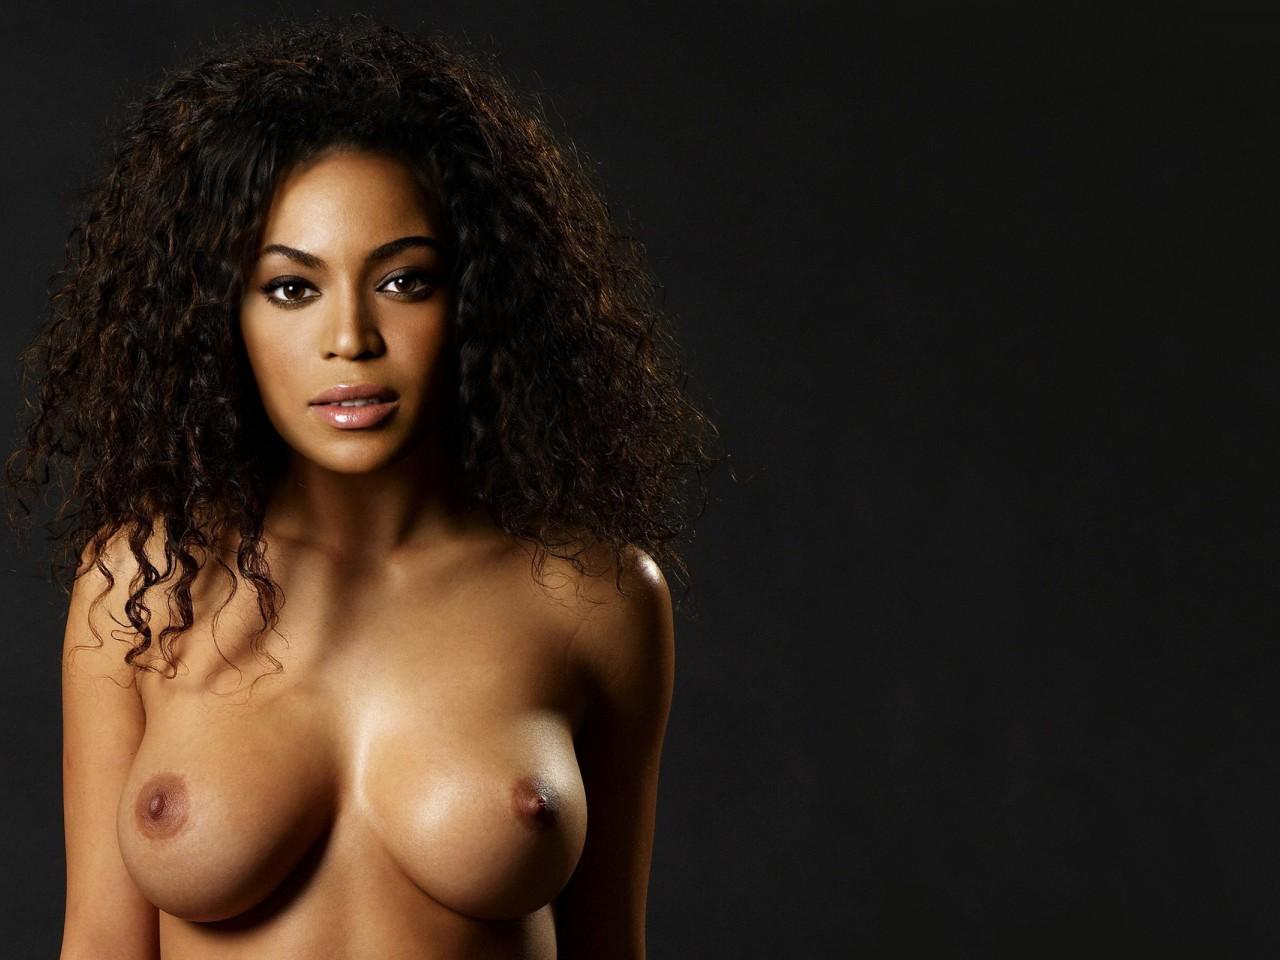 Фото голых чёрнокожих девушек, Голые негритянки - красивая фото эротика 14 фотография